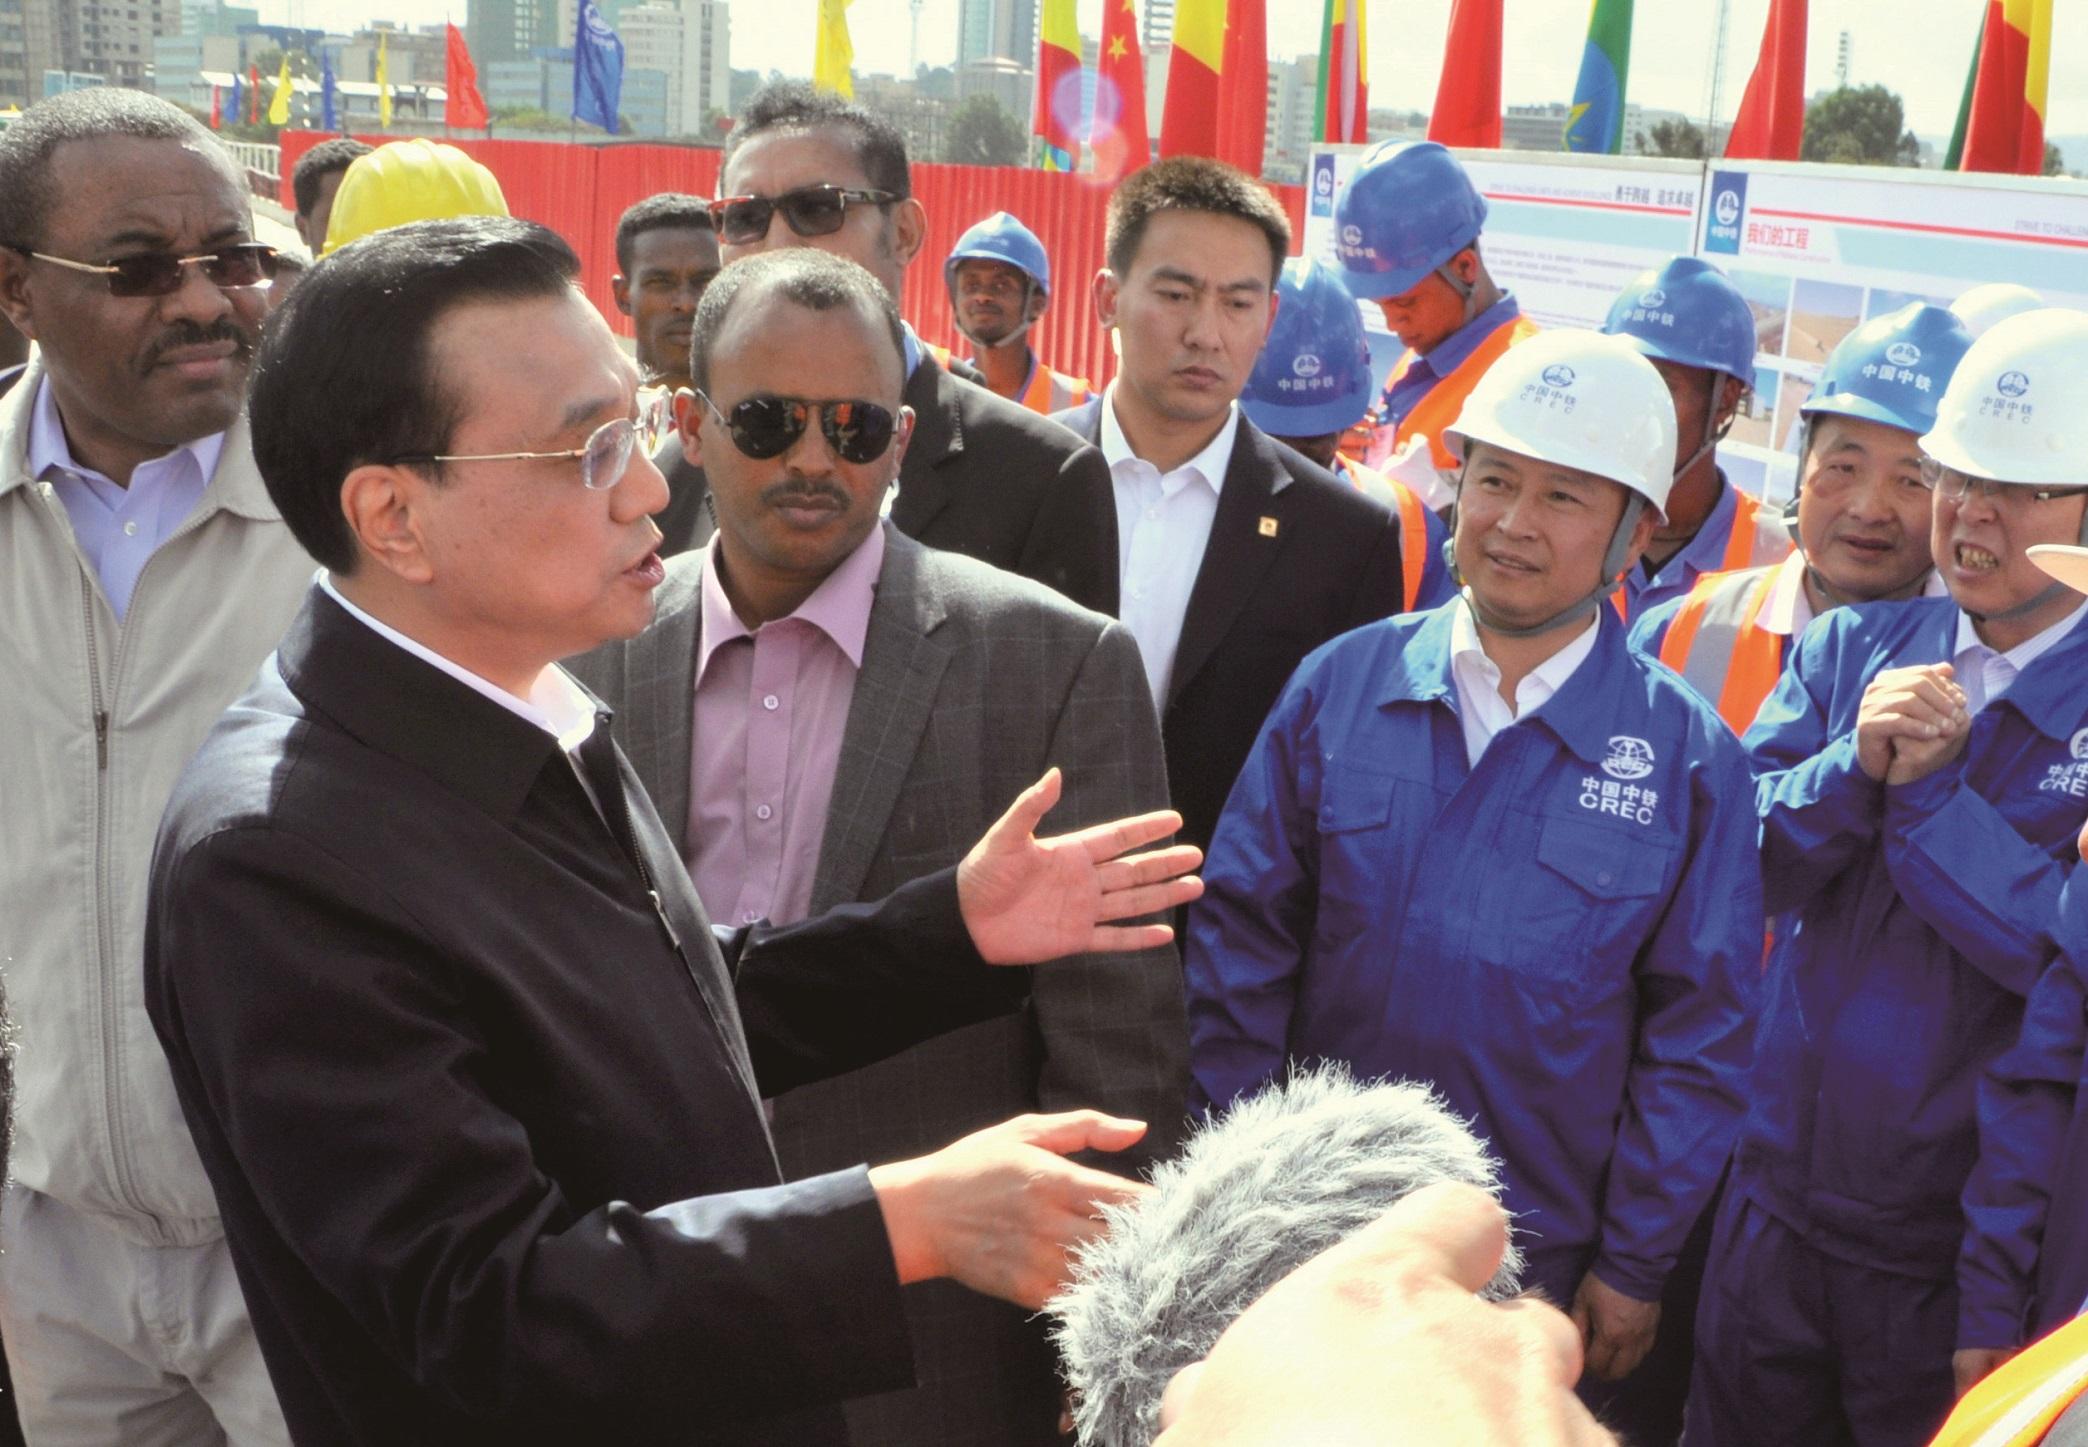 中共中央政治局常委、國務院總理李克強同志視察中鐵二局埃塞俄比亞鐵路項目,親切接見建設者